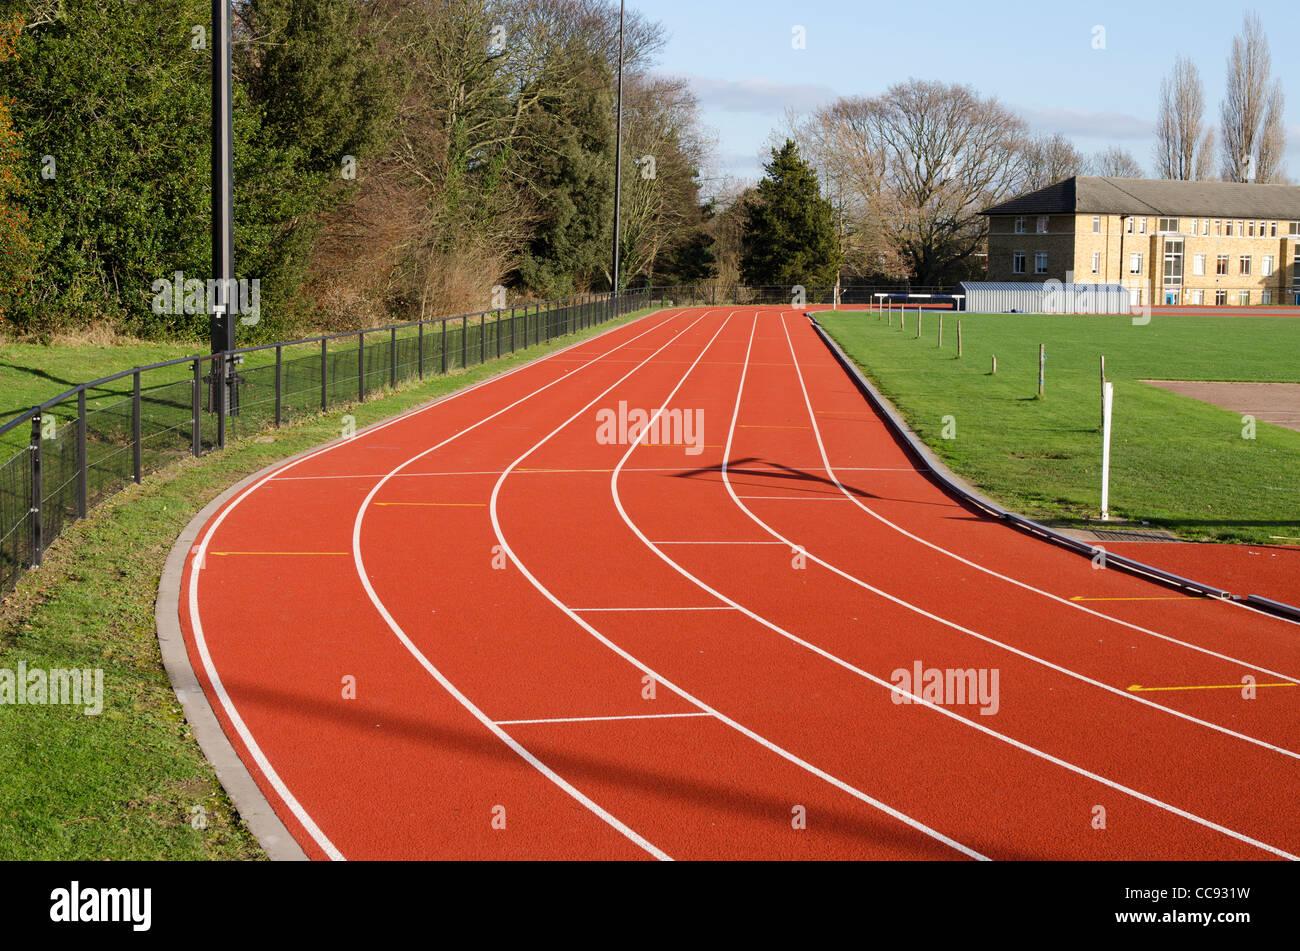 Curva de la pista de atletismo de St Mary's University College, en Twickenham, Londres, Gran Bretaña. Imagen De Stock